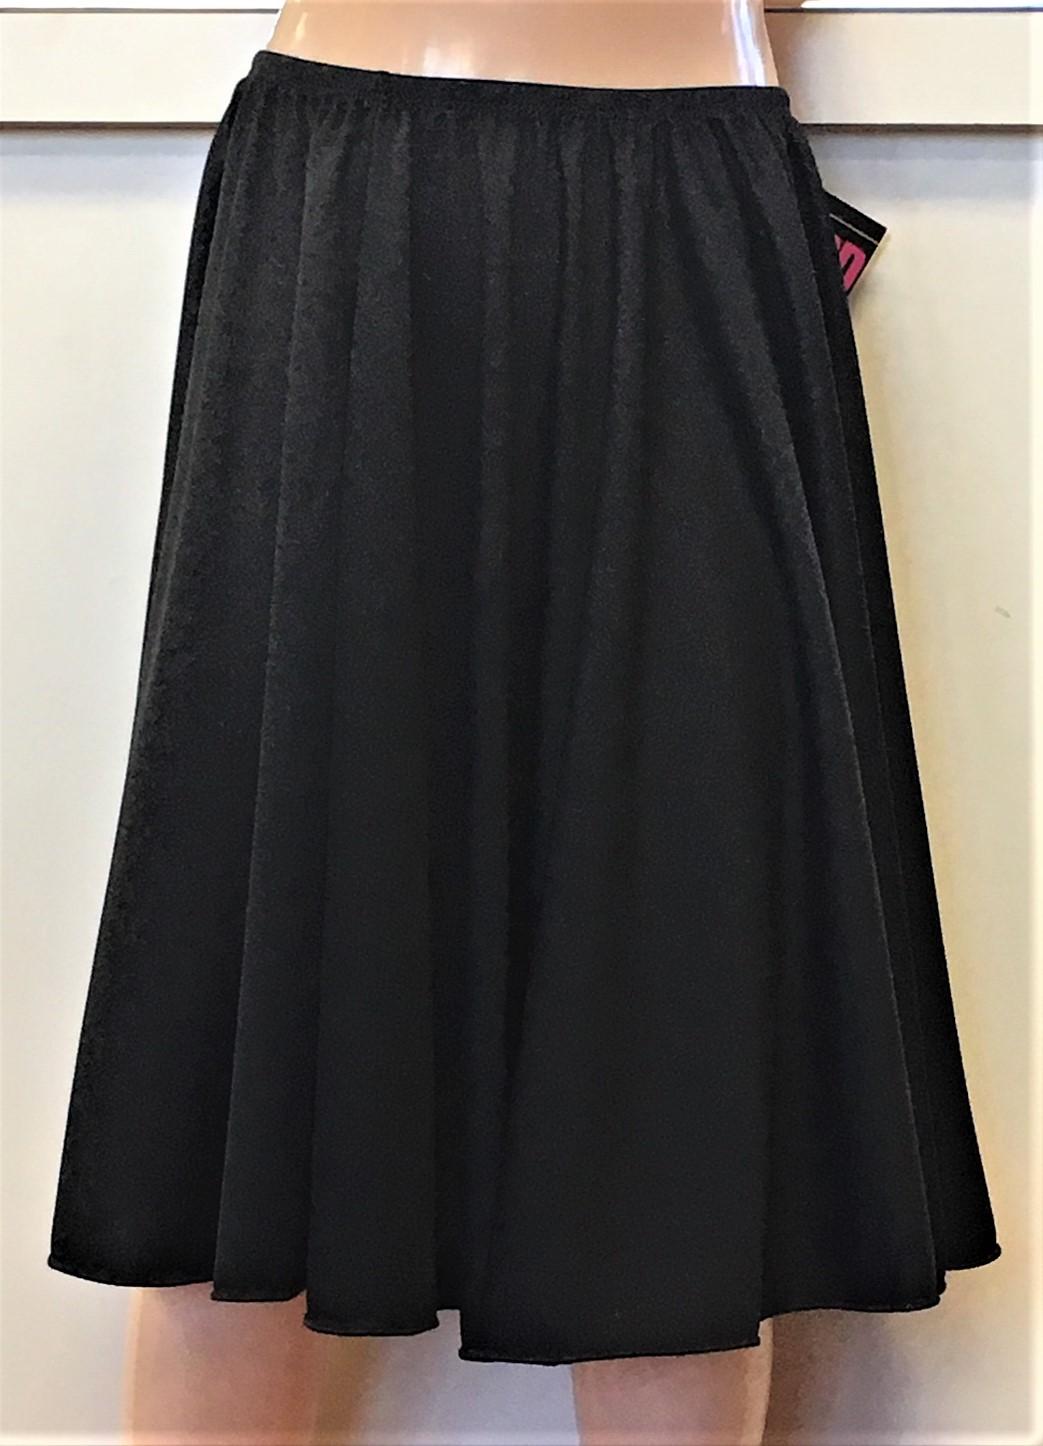 Eurotard Women's Circular Waist Skirt with Elastic Waistband